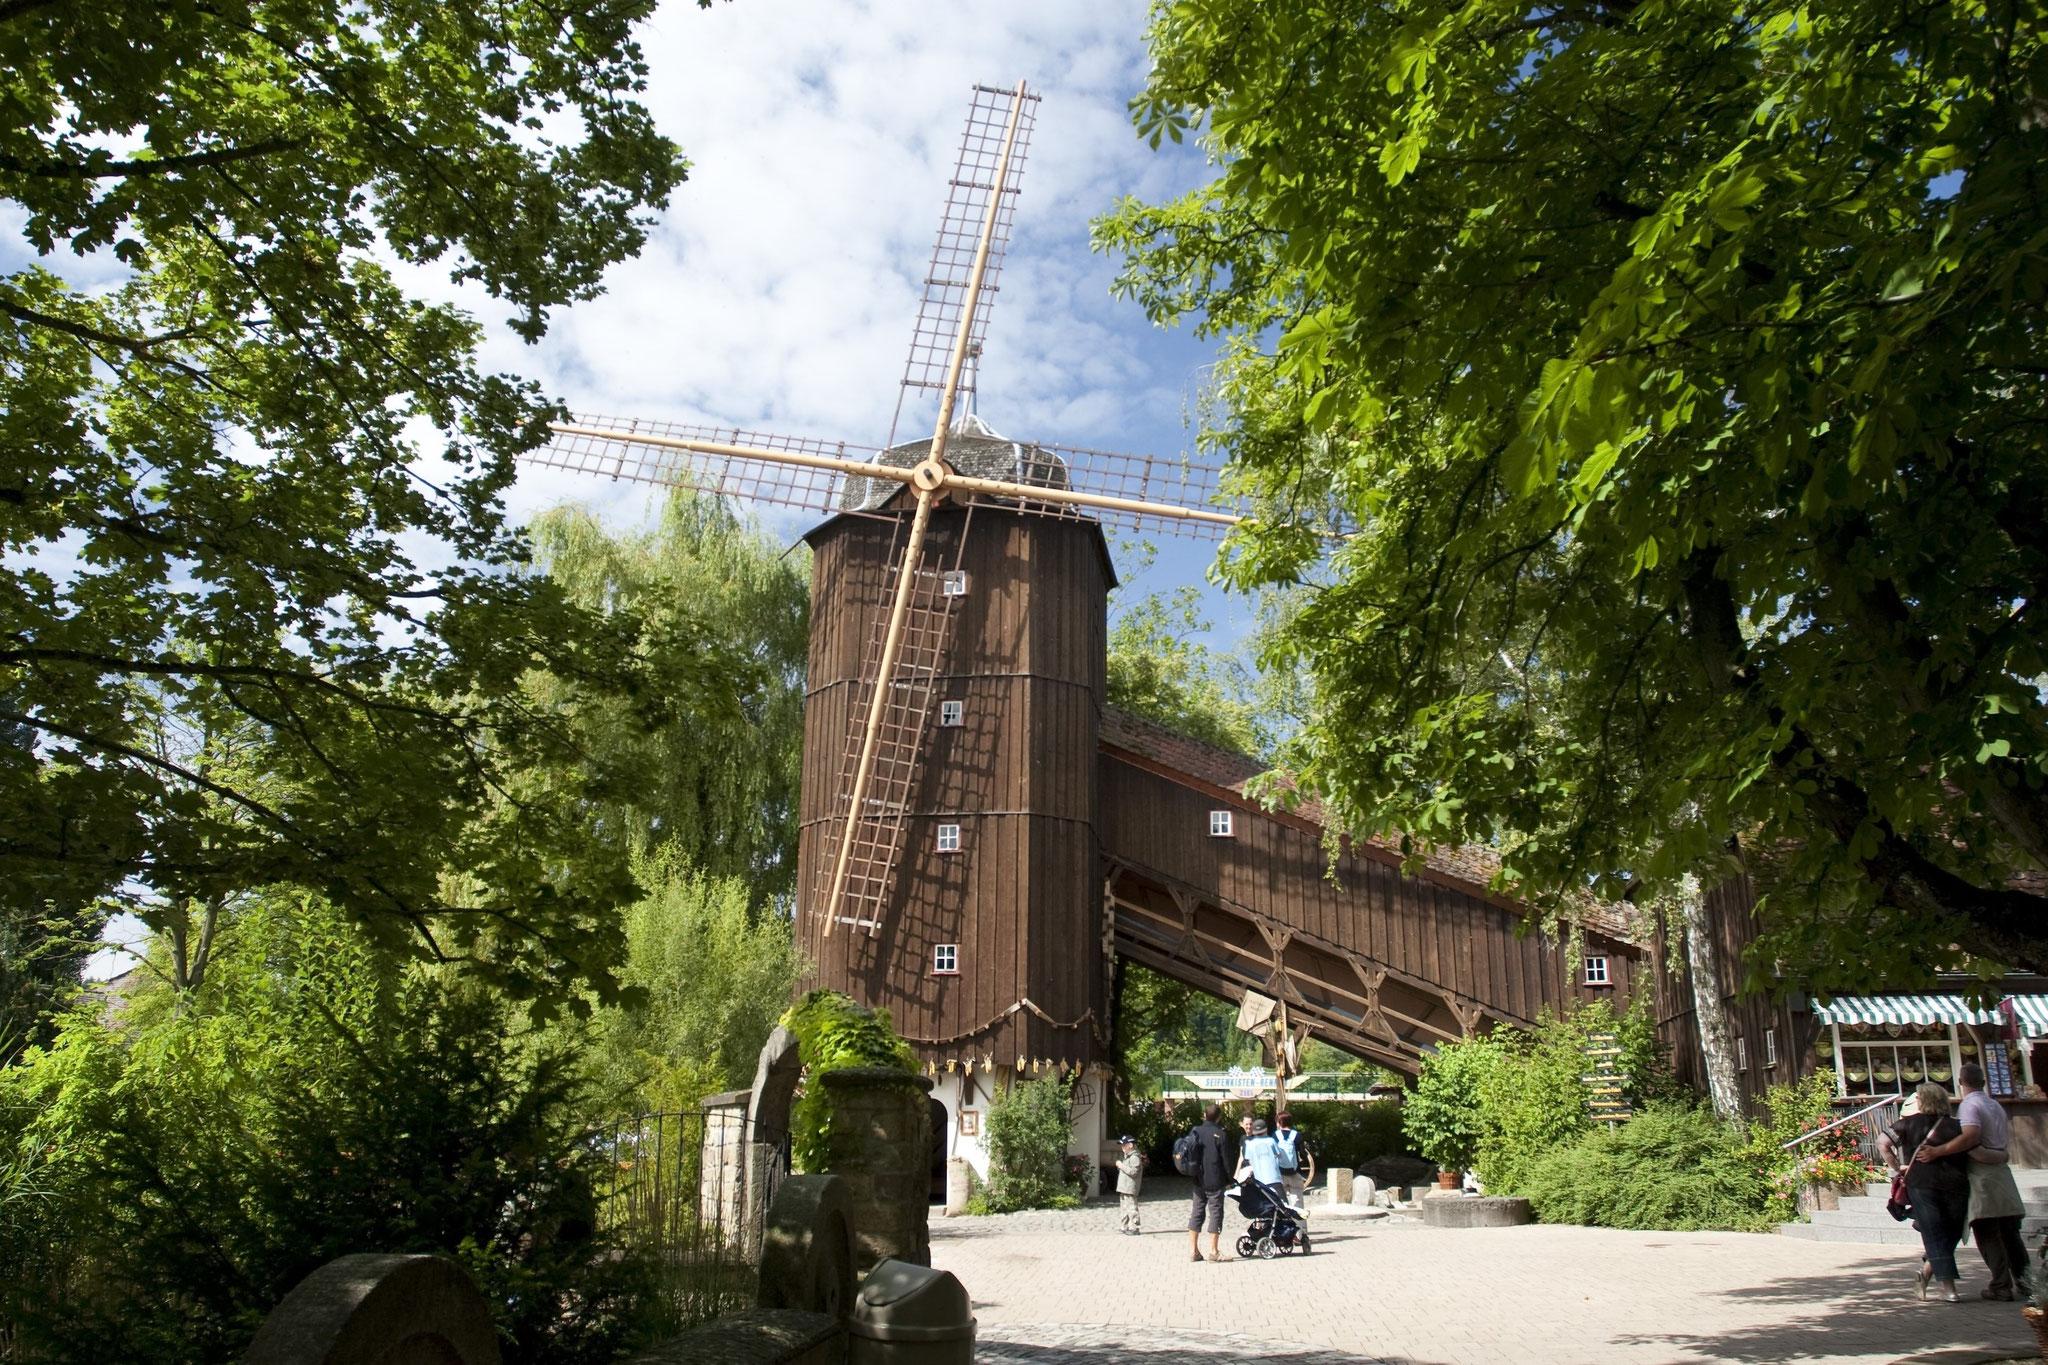 Die Altweibermühle ist Ursprung und Wahrzeichen von Tripsdrill